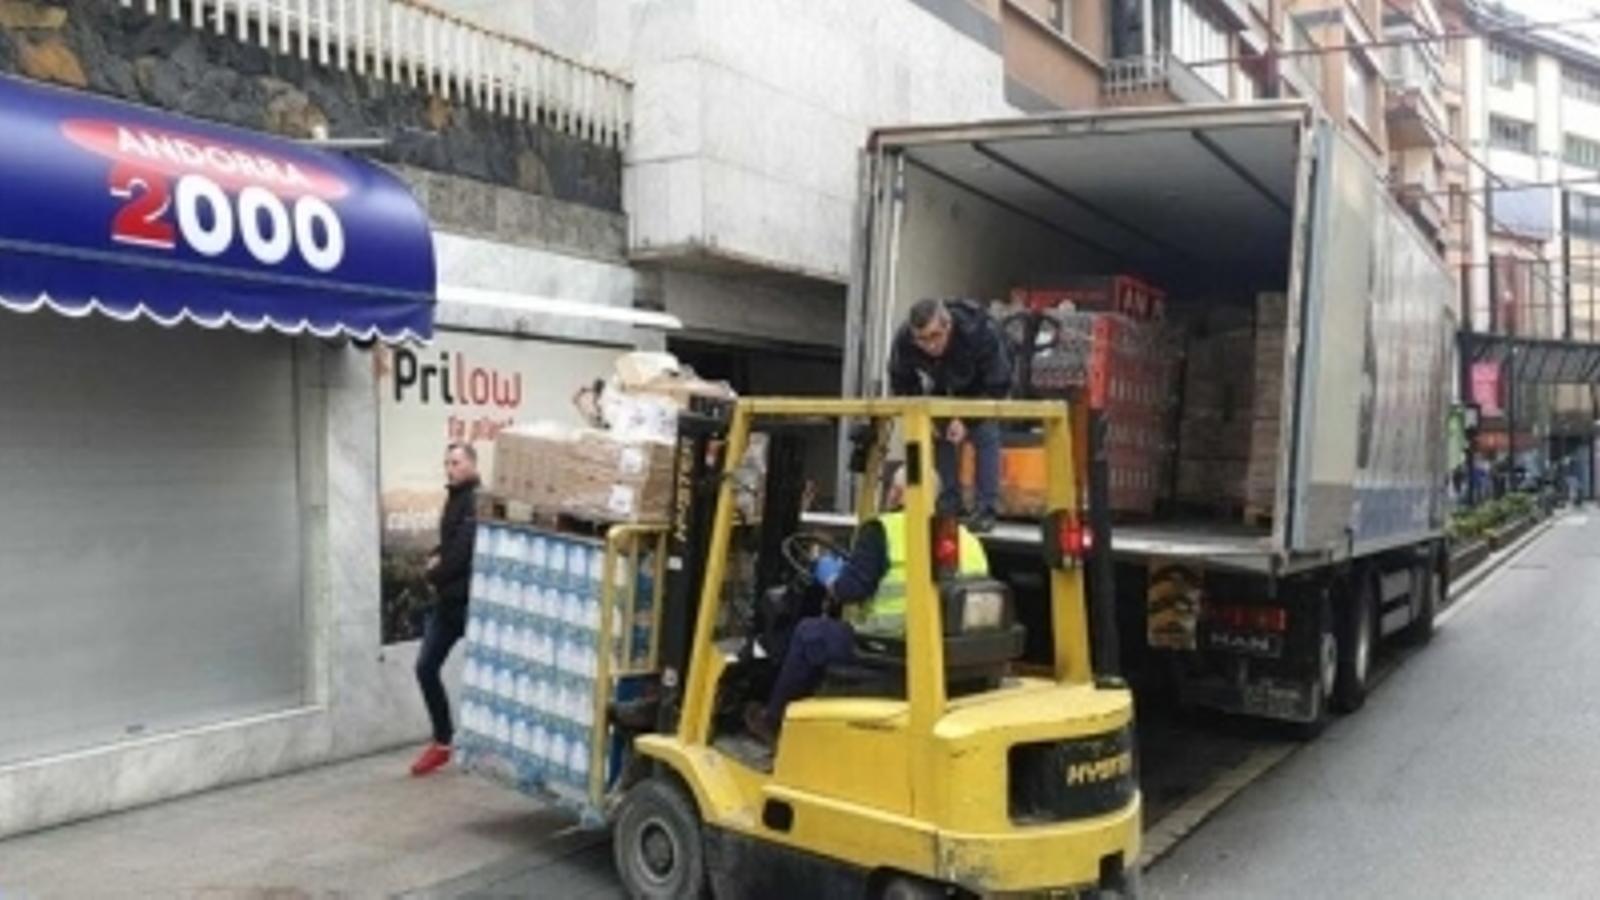 Entrega de subministraments a un supermercat d'Andorra la Vella. / ARXIU ANA